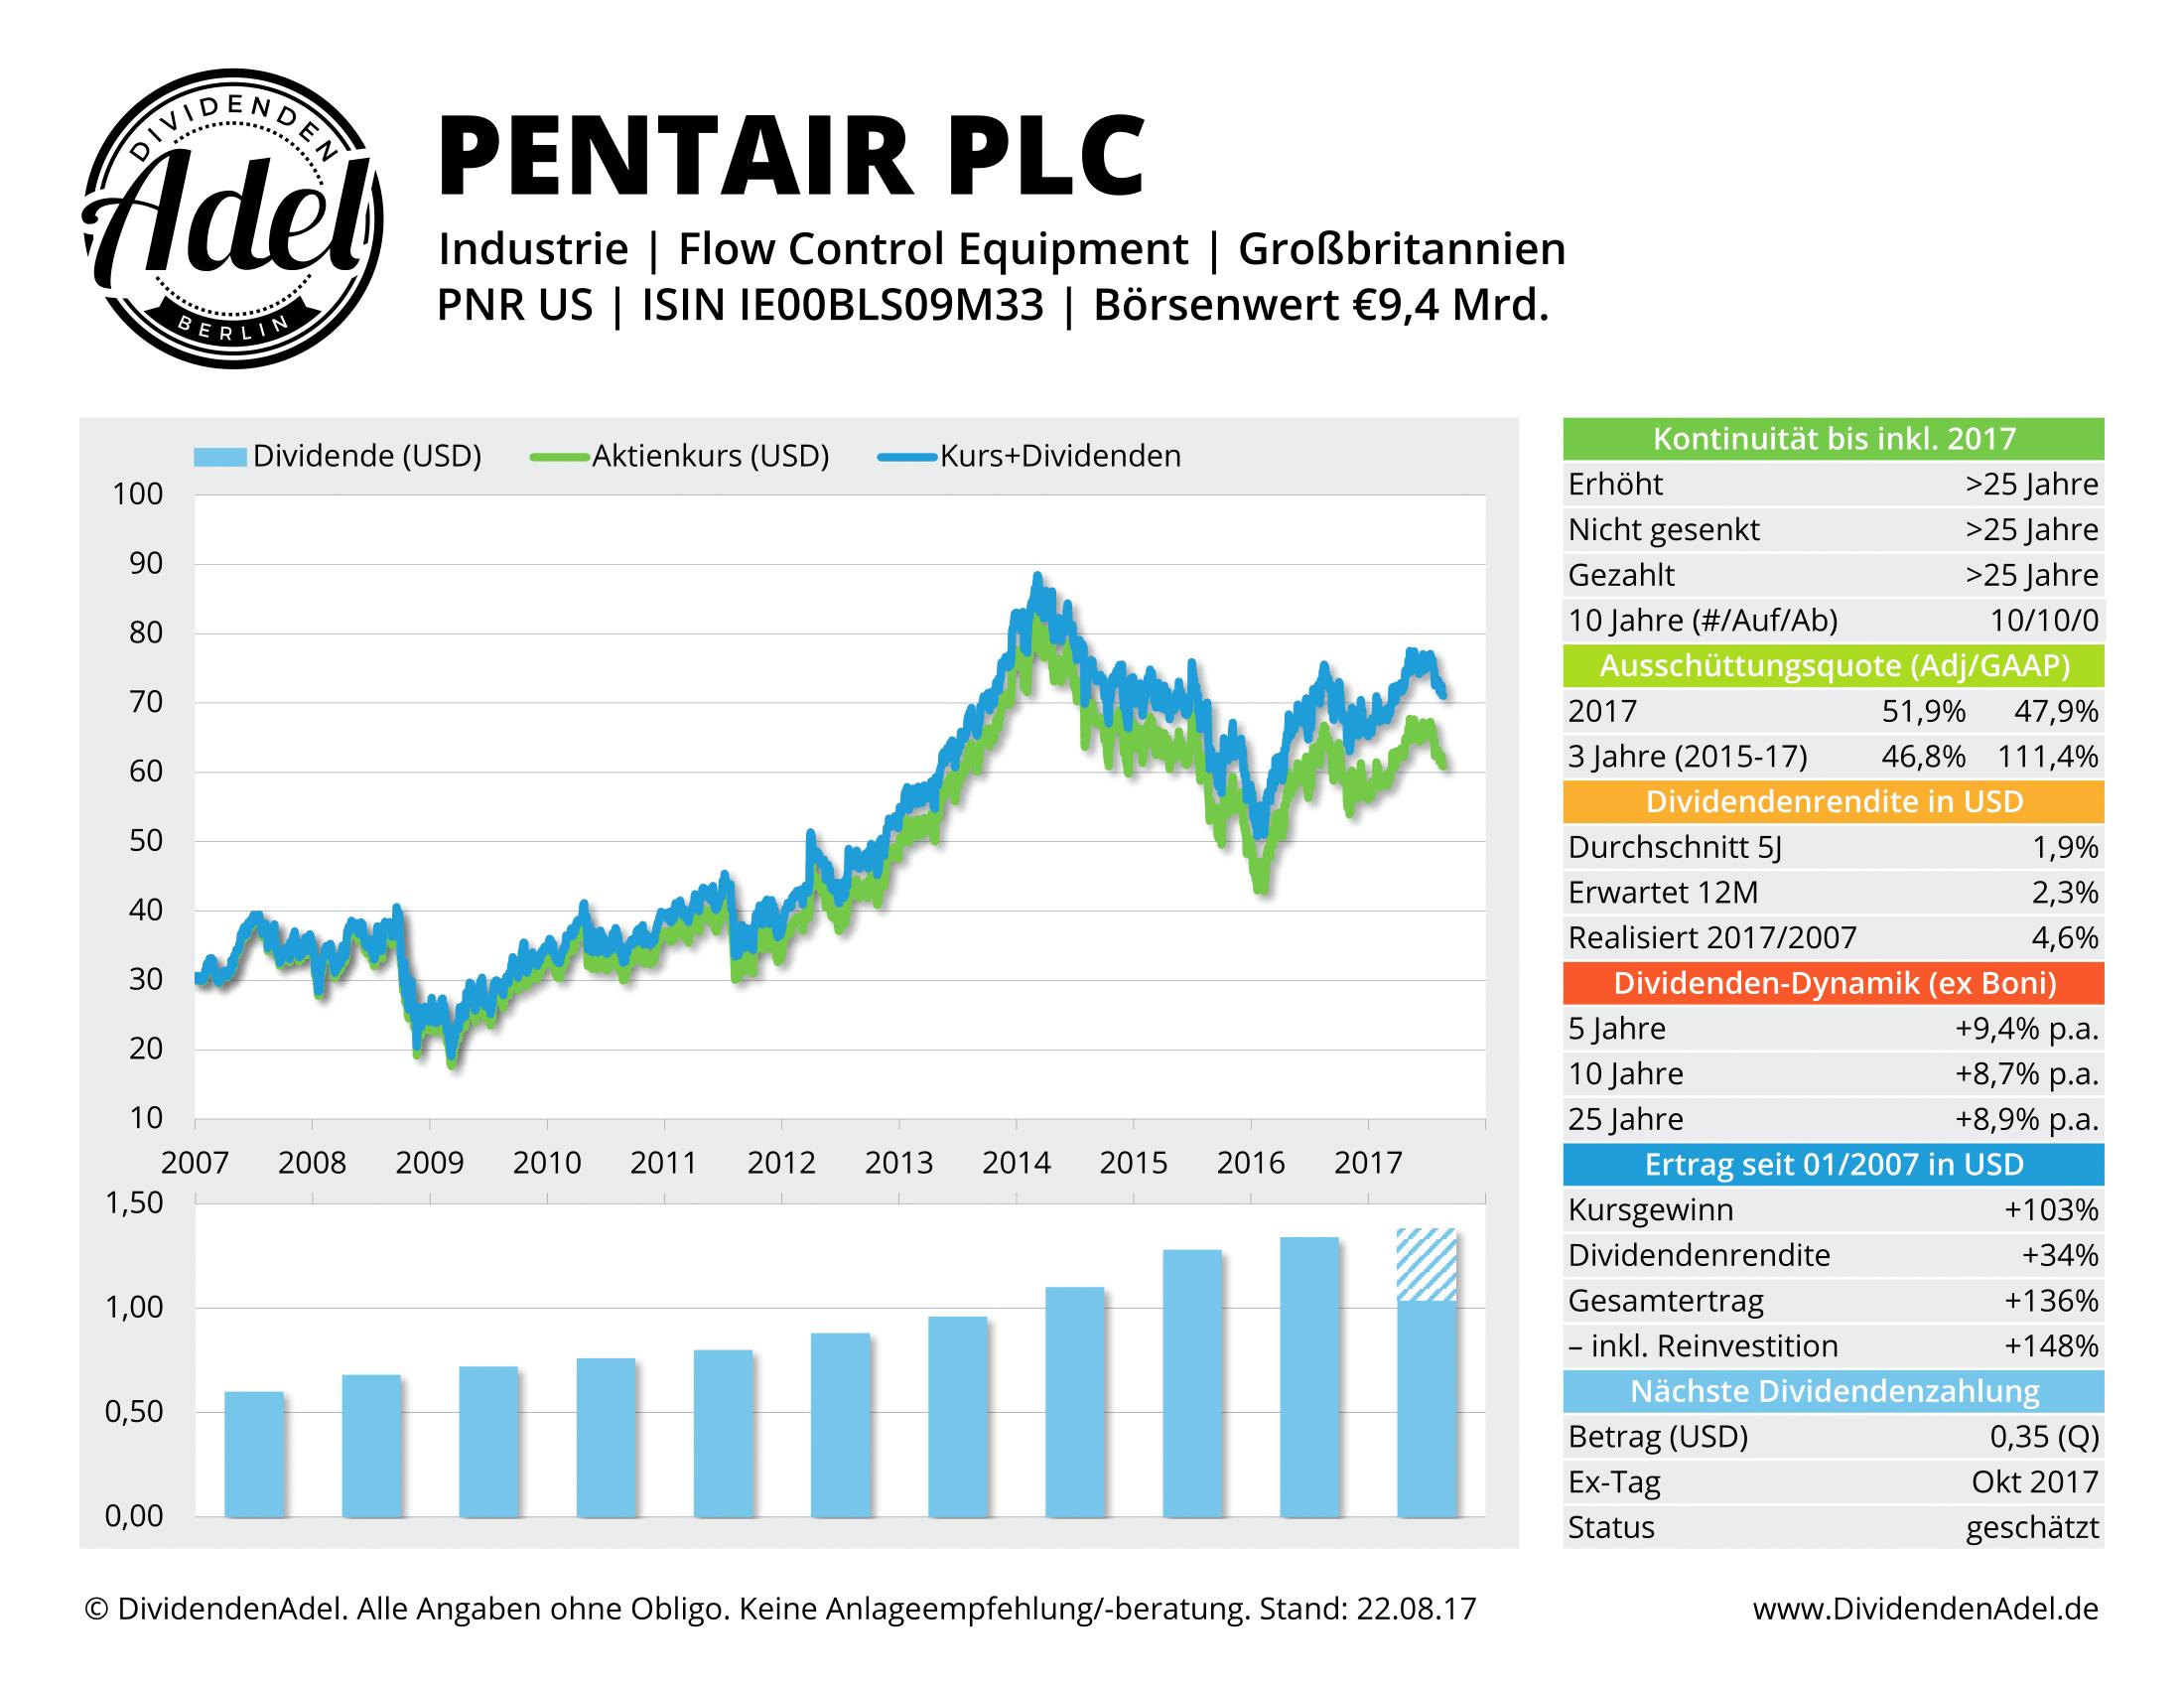 PENTAIR PLC DividendenAdel-Profil